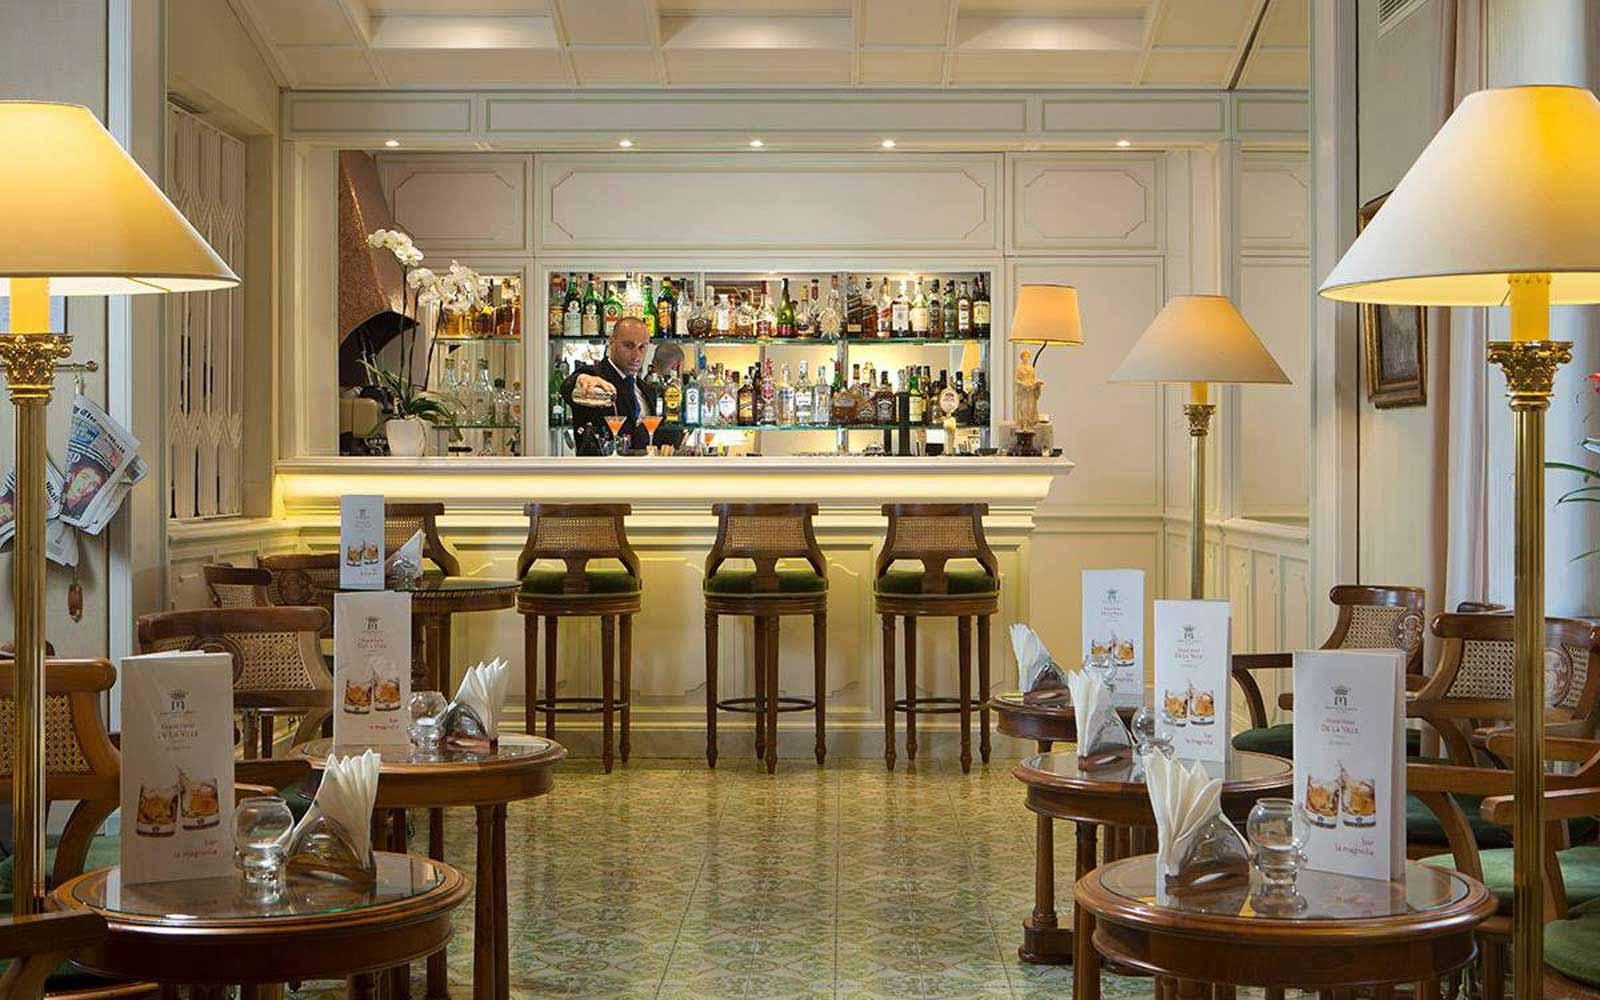 La Magnolia bar at Grand Hotel de la Ville